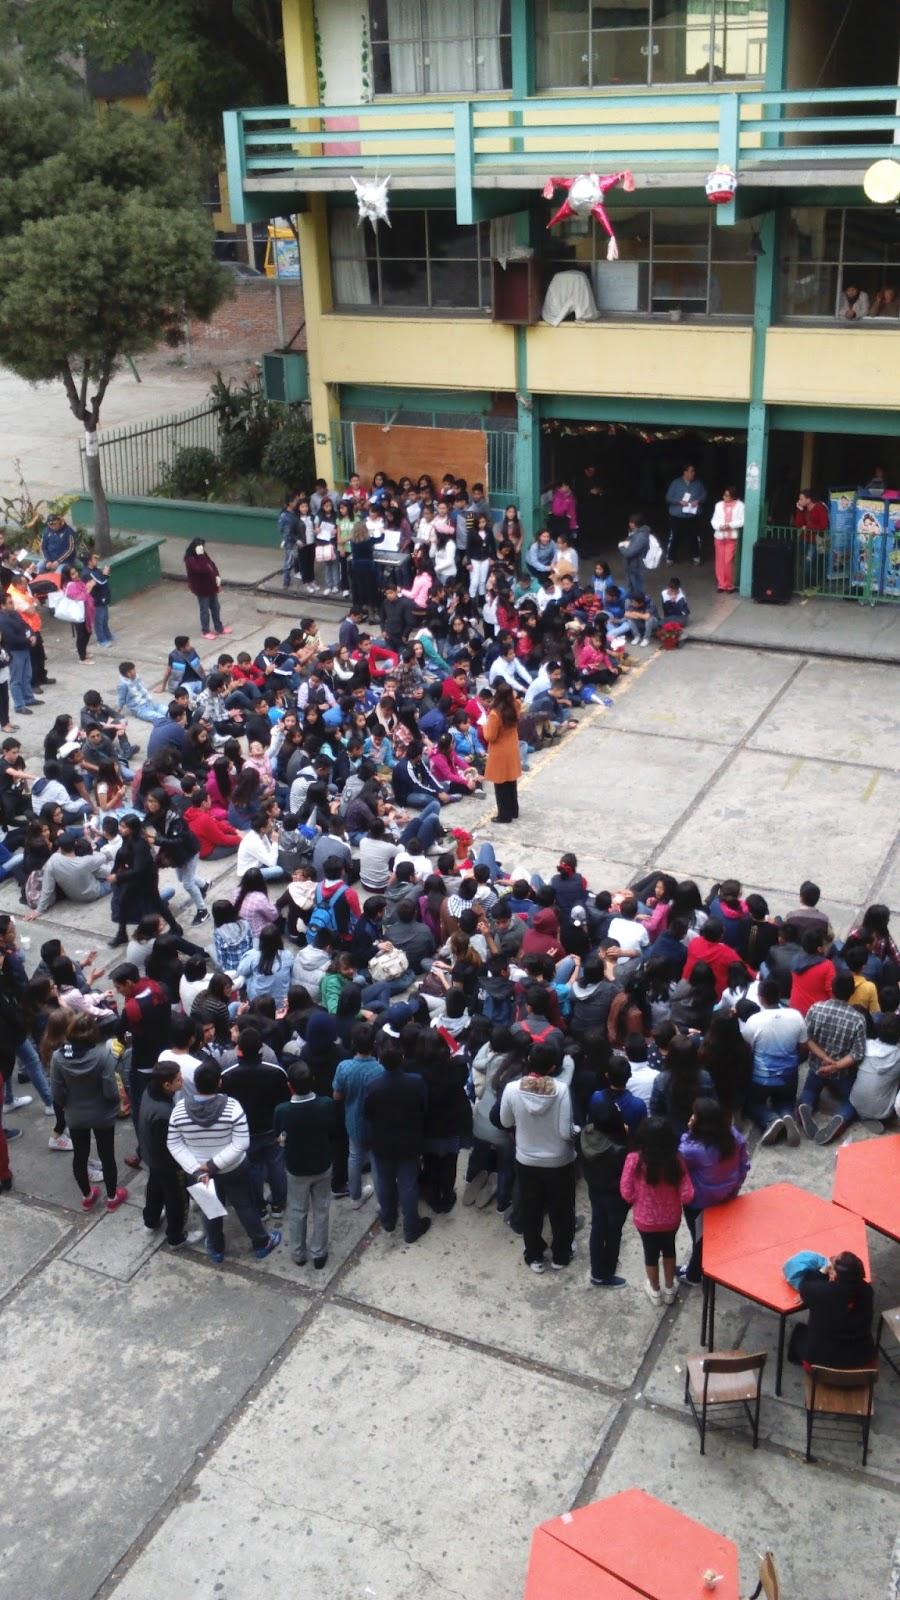 Francisco i madero cct 09des0026p pastorela y for Cct de la escuela